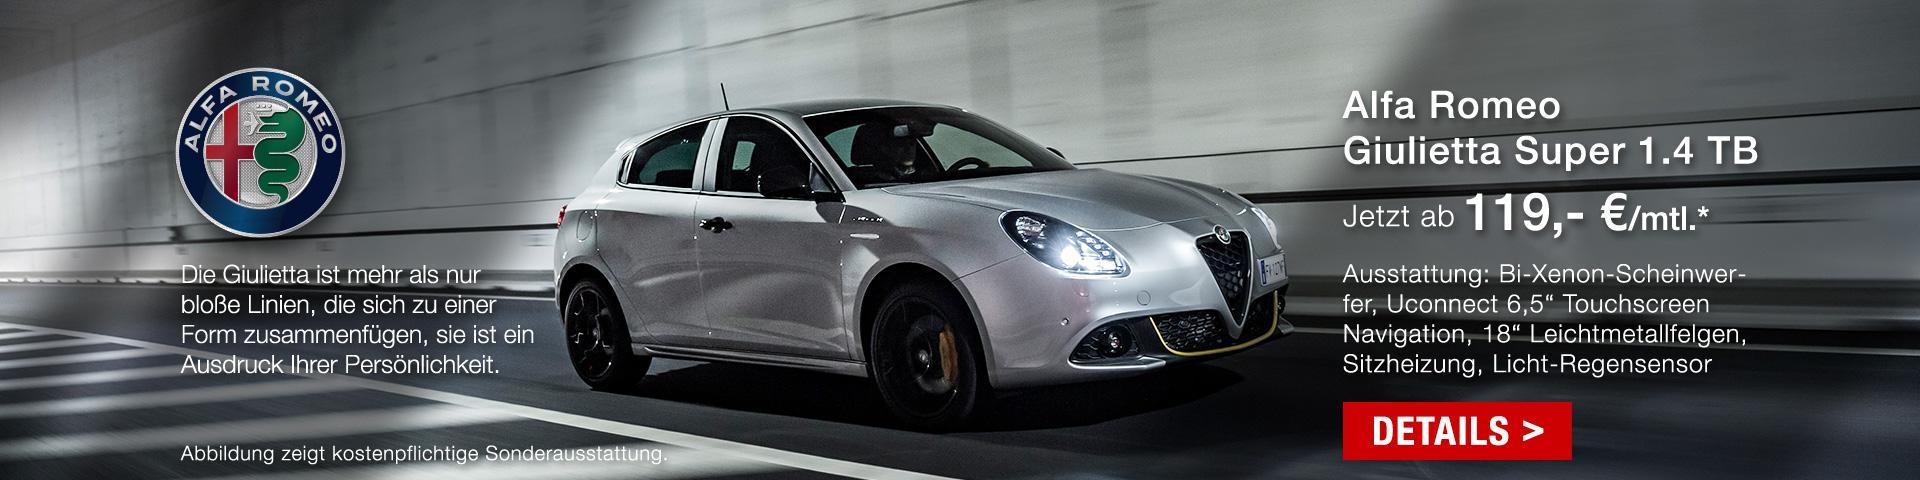 Alfa Romeo Giulietta Autozentren P&A - Preckel